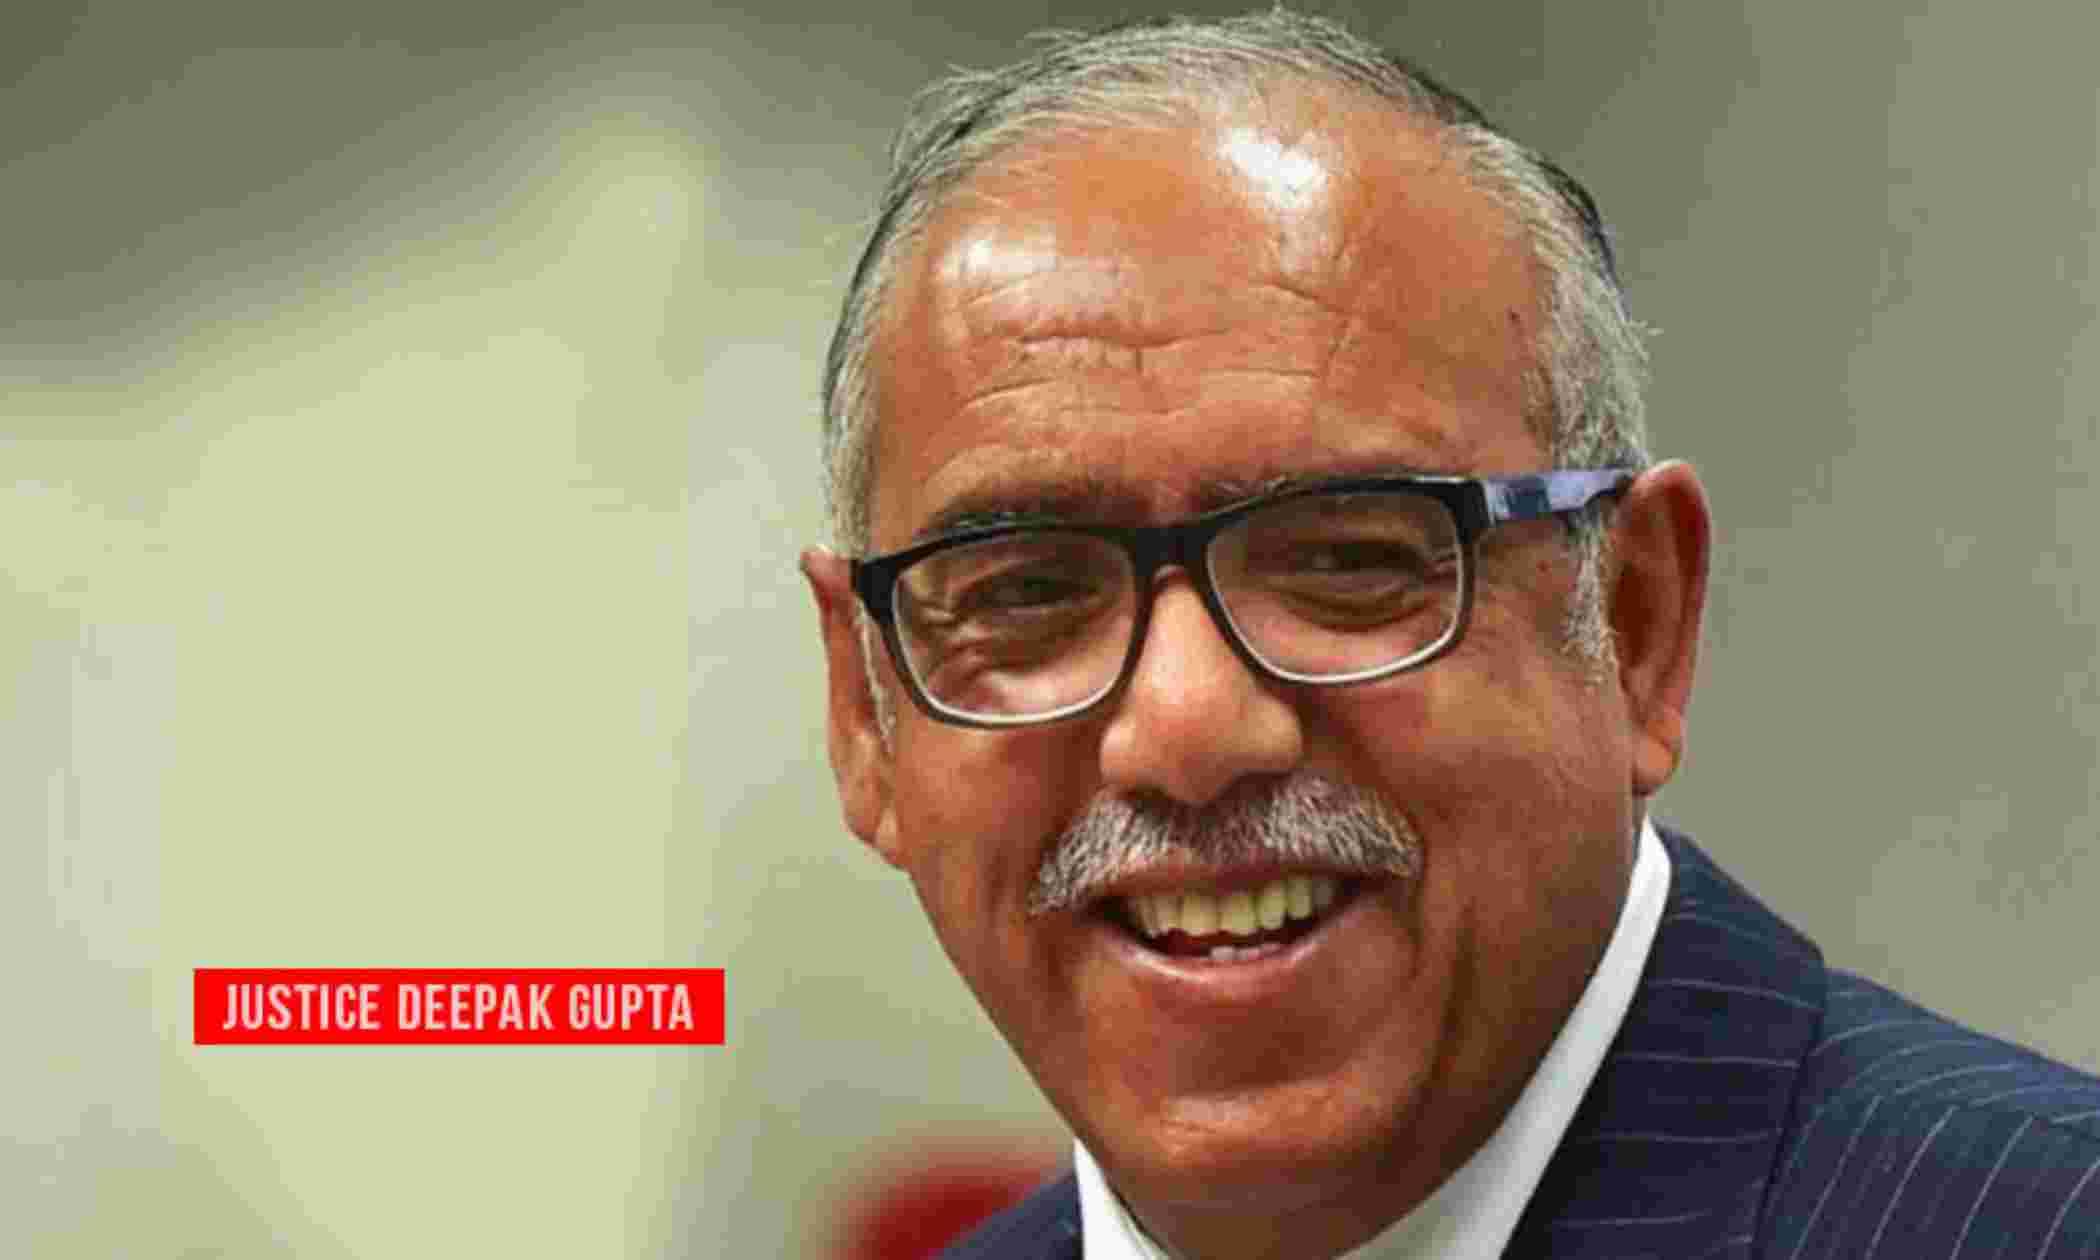 संविधान जजों की पवित्र पुस्तक : सुप्रीम कोर्ट जज जस्टिस दीपक गुप्ता ने विदाई समारोह में कहा